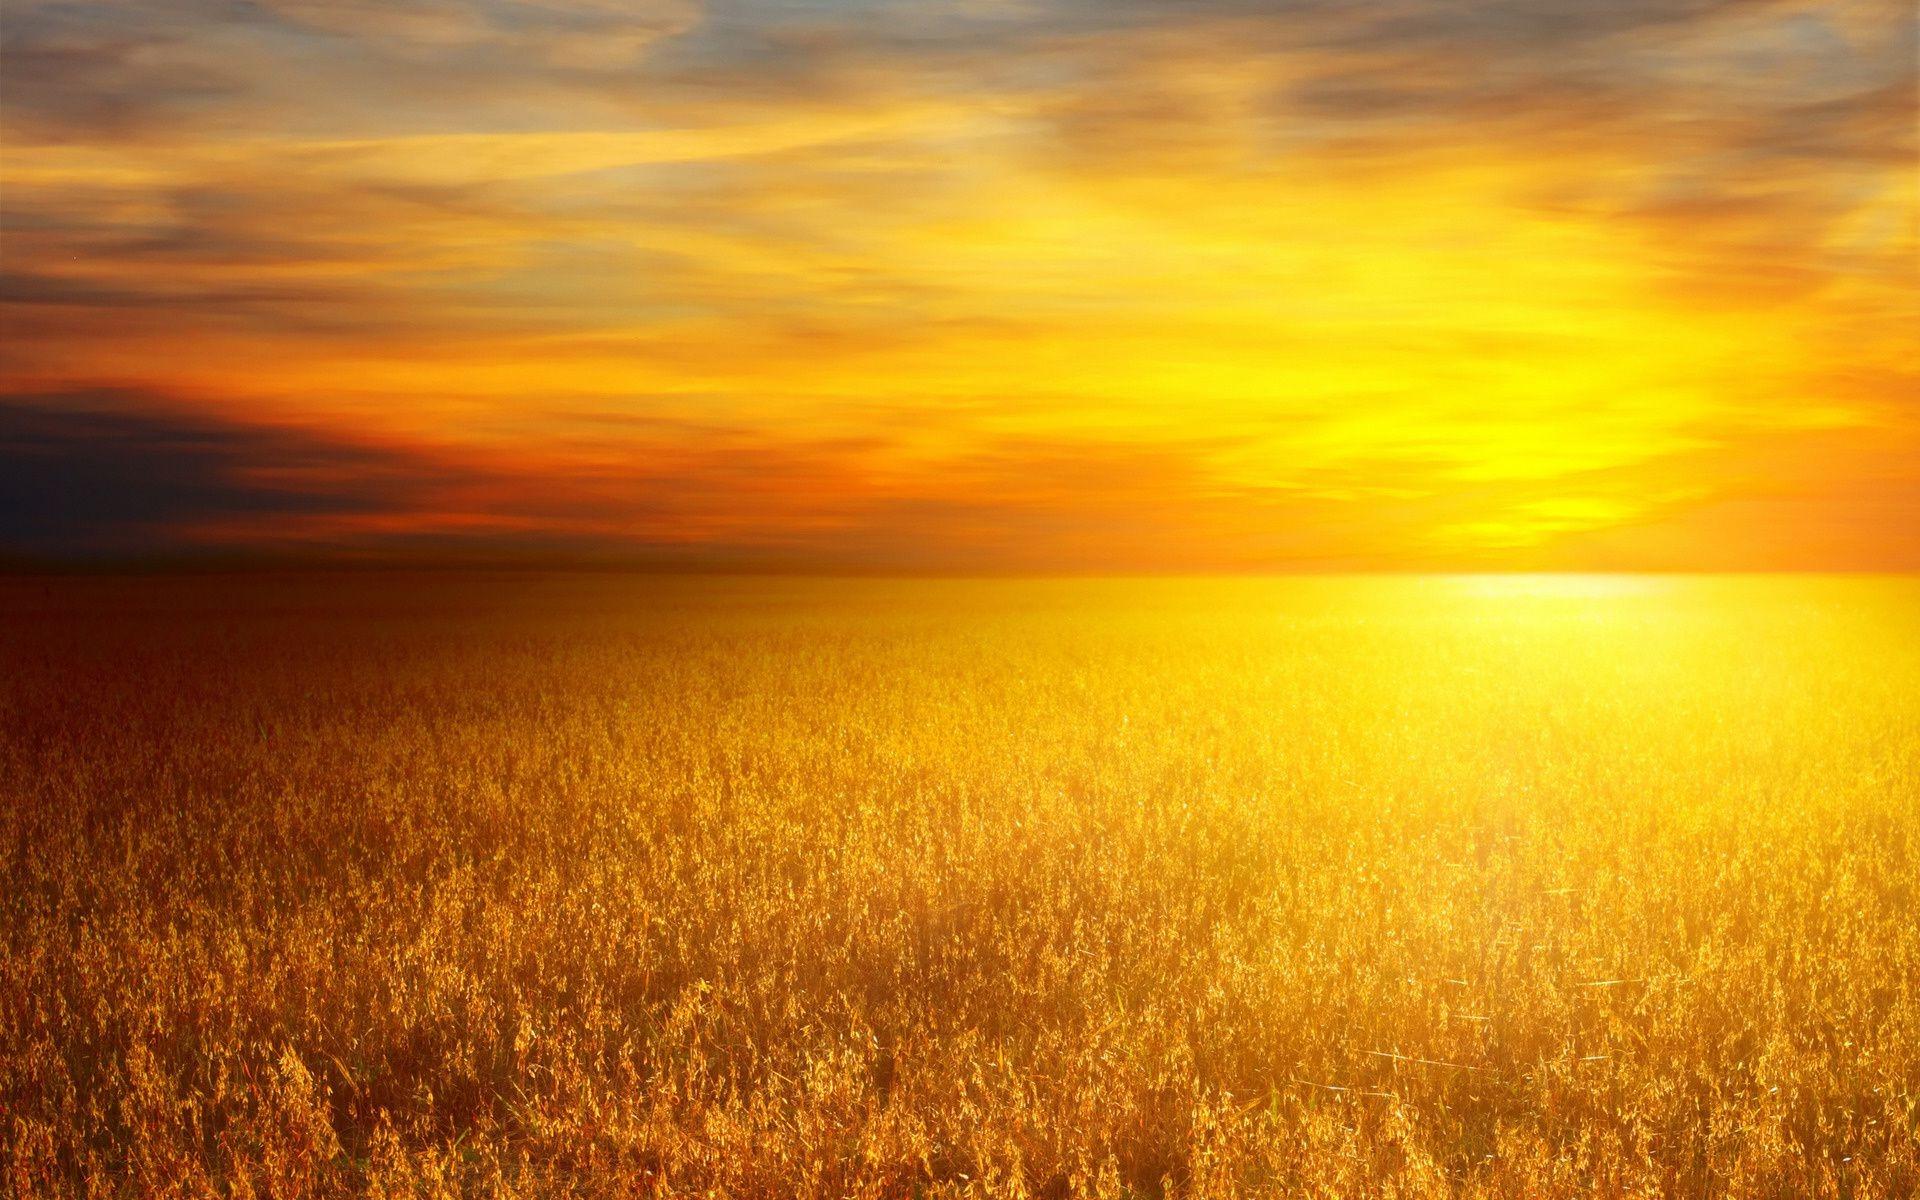 Пшеничное поле обои на рабочий стол